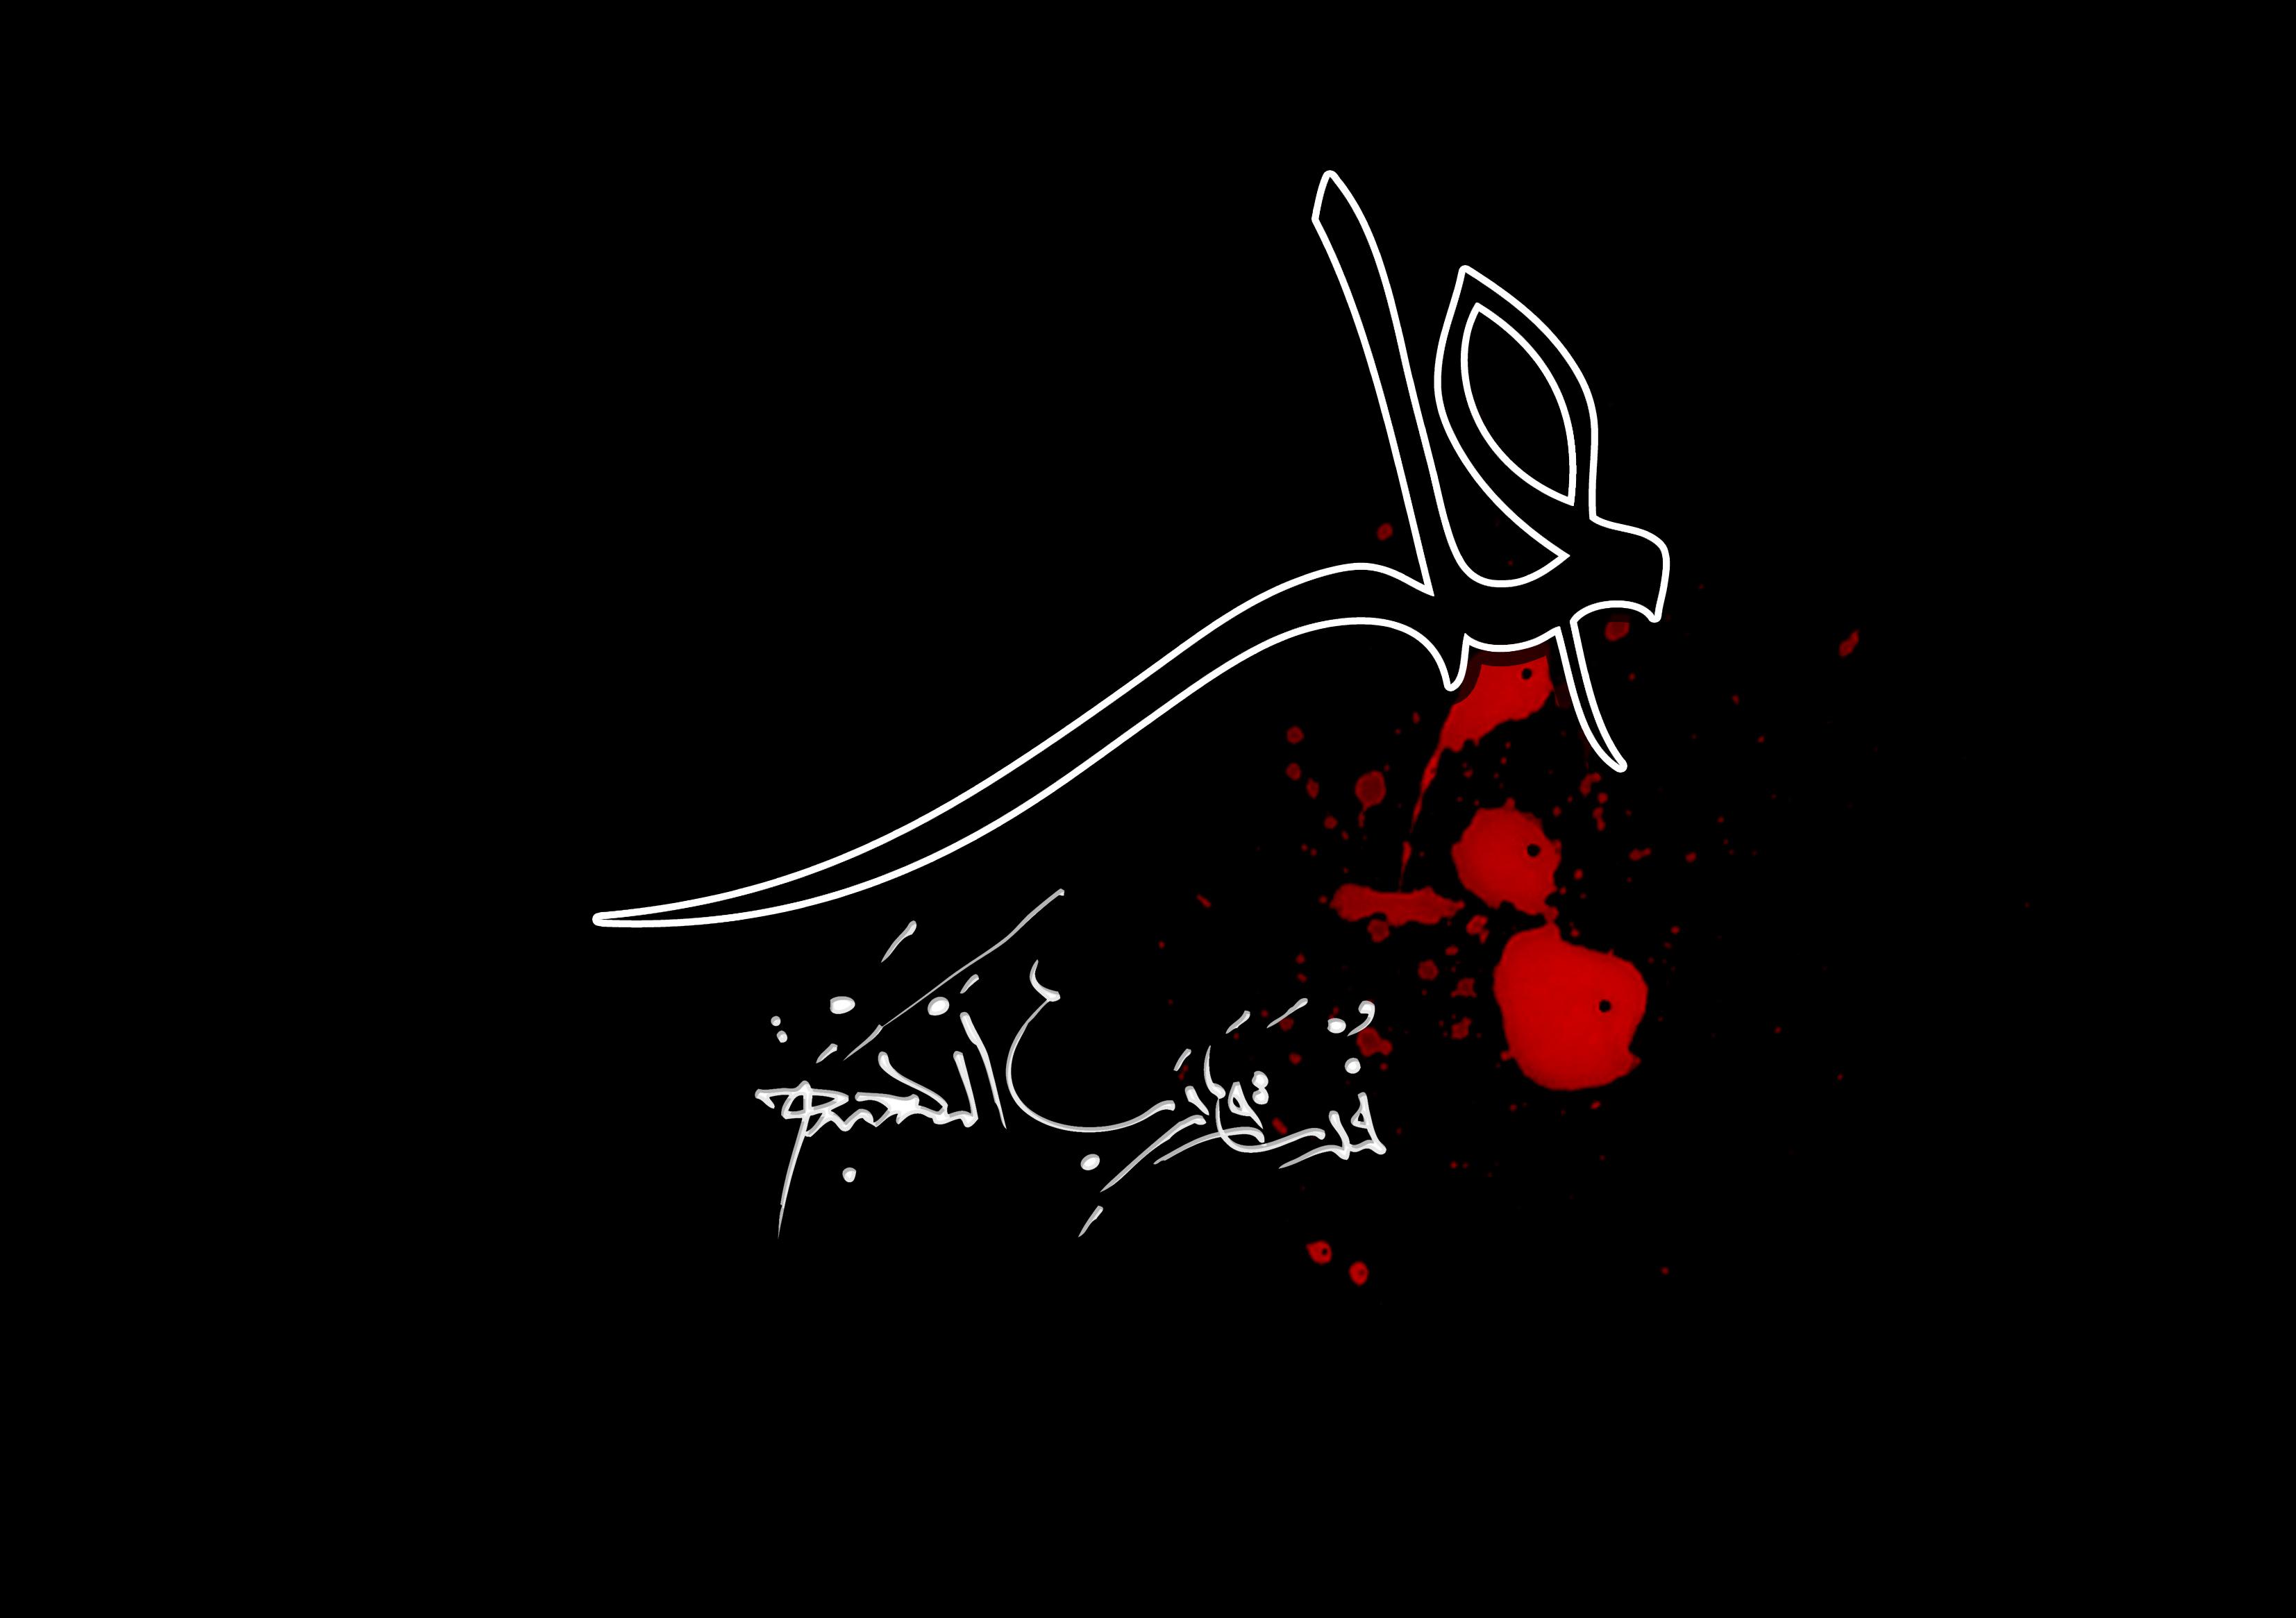 شهادت حصرت علی